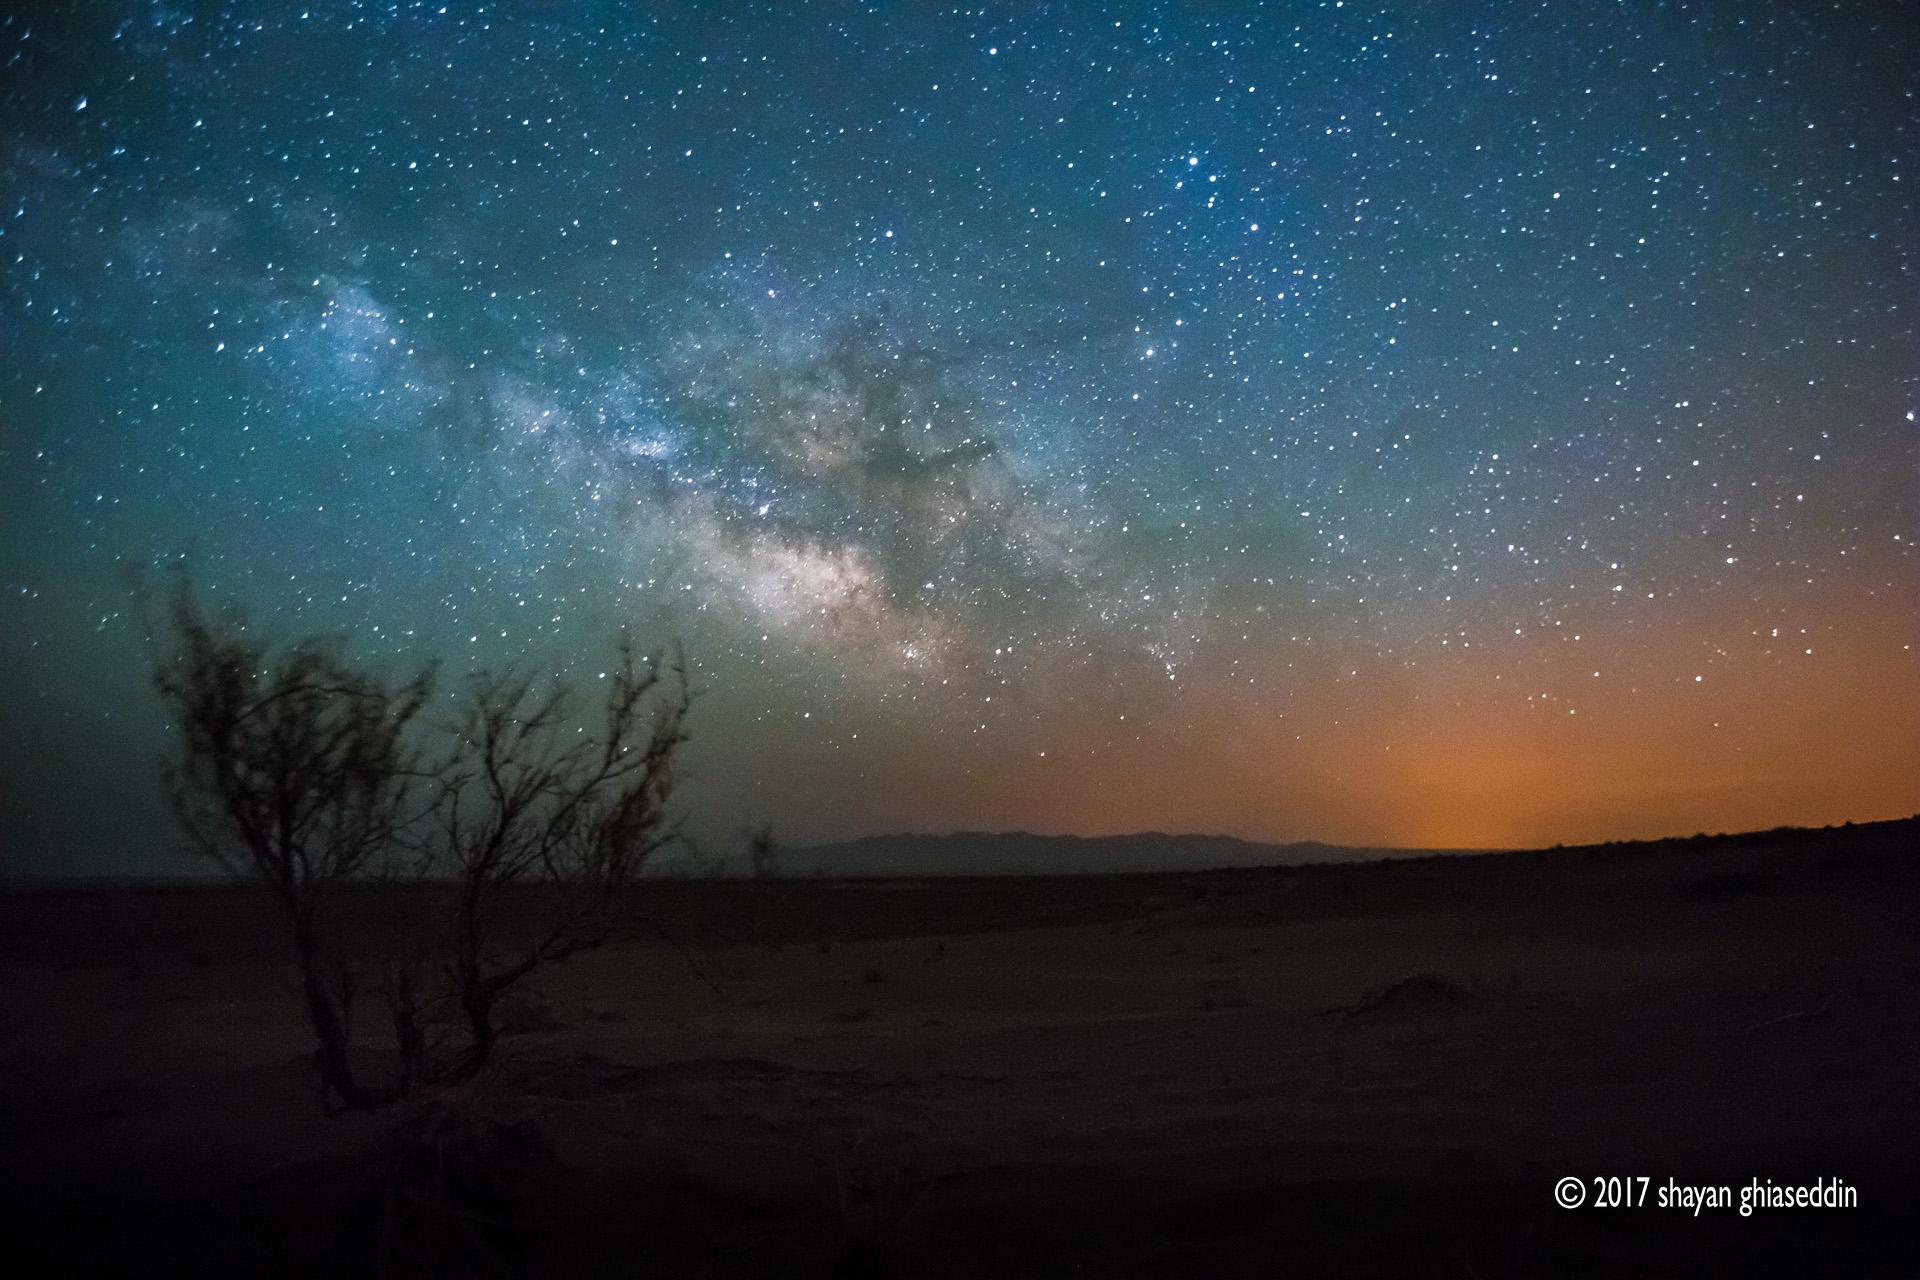 کهکشان راه شیری و آلودگی نوری شهر، کویر مرنجاب، کاشان - فروردین ۱۳۹۴